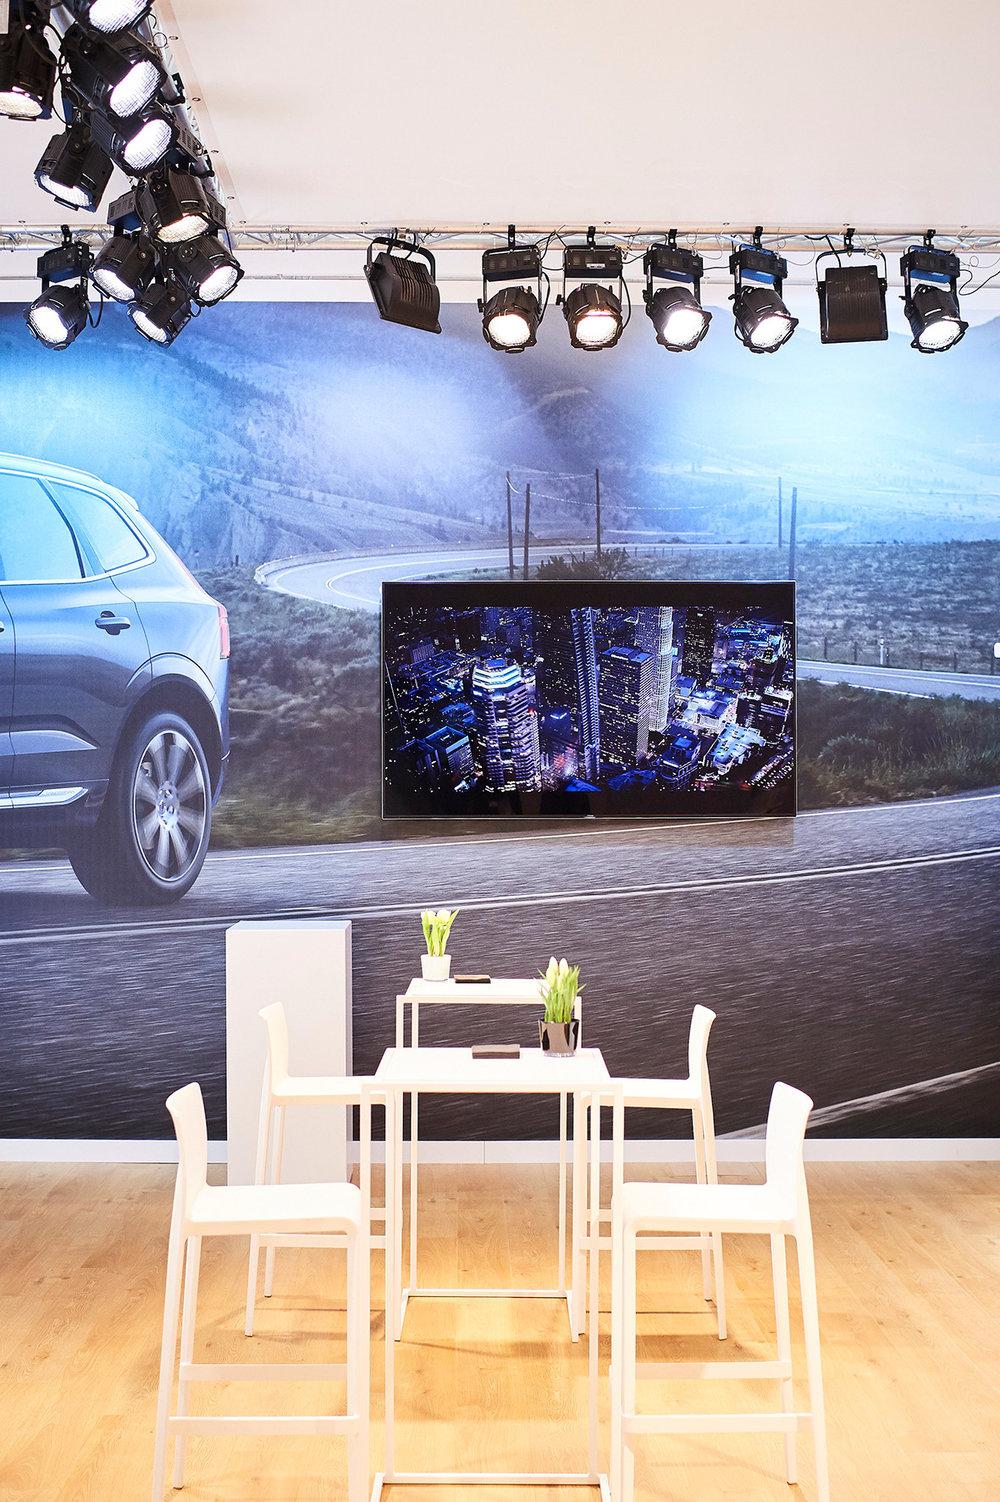 2017-04-19-Volvo-0106.jpg